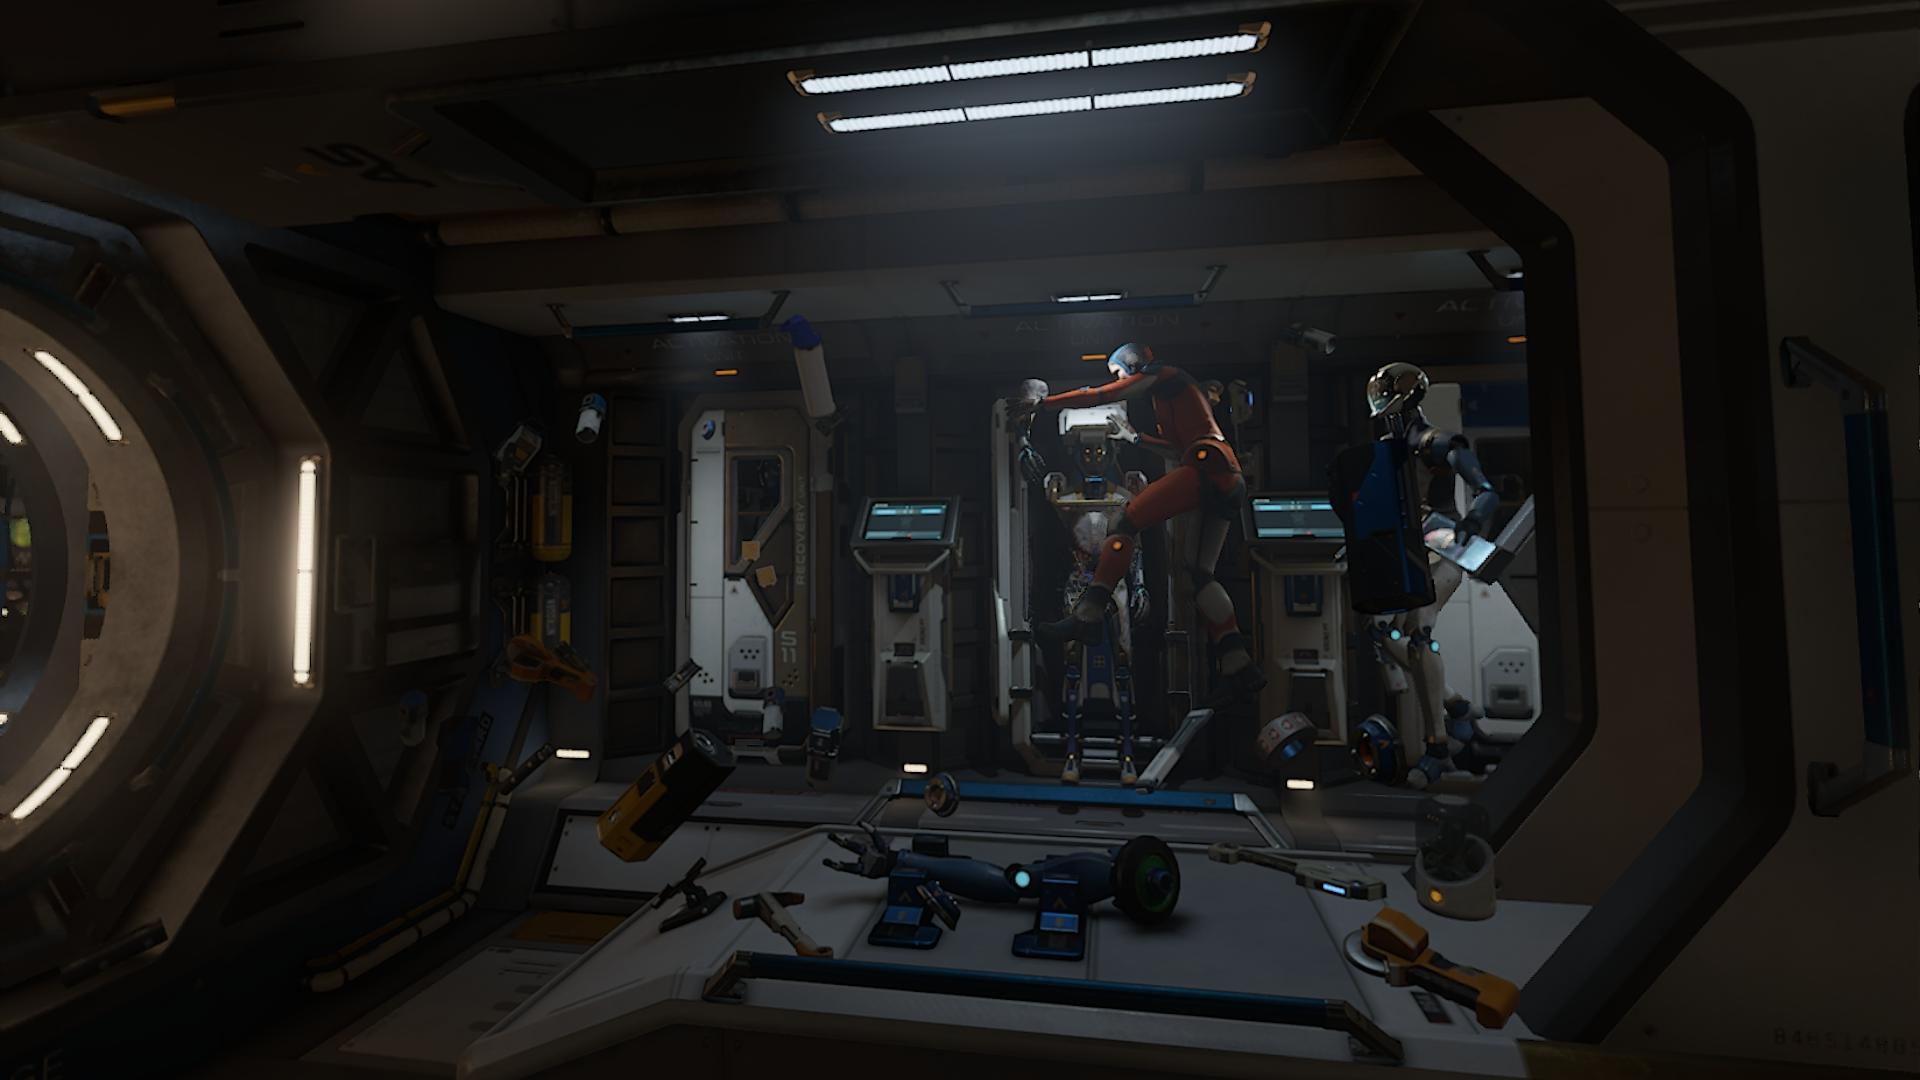 宇宙飛行士になれる!VRゲーム【Lone Echo】感想レビュー!日本語化もしています!1